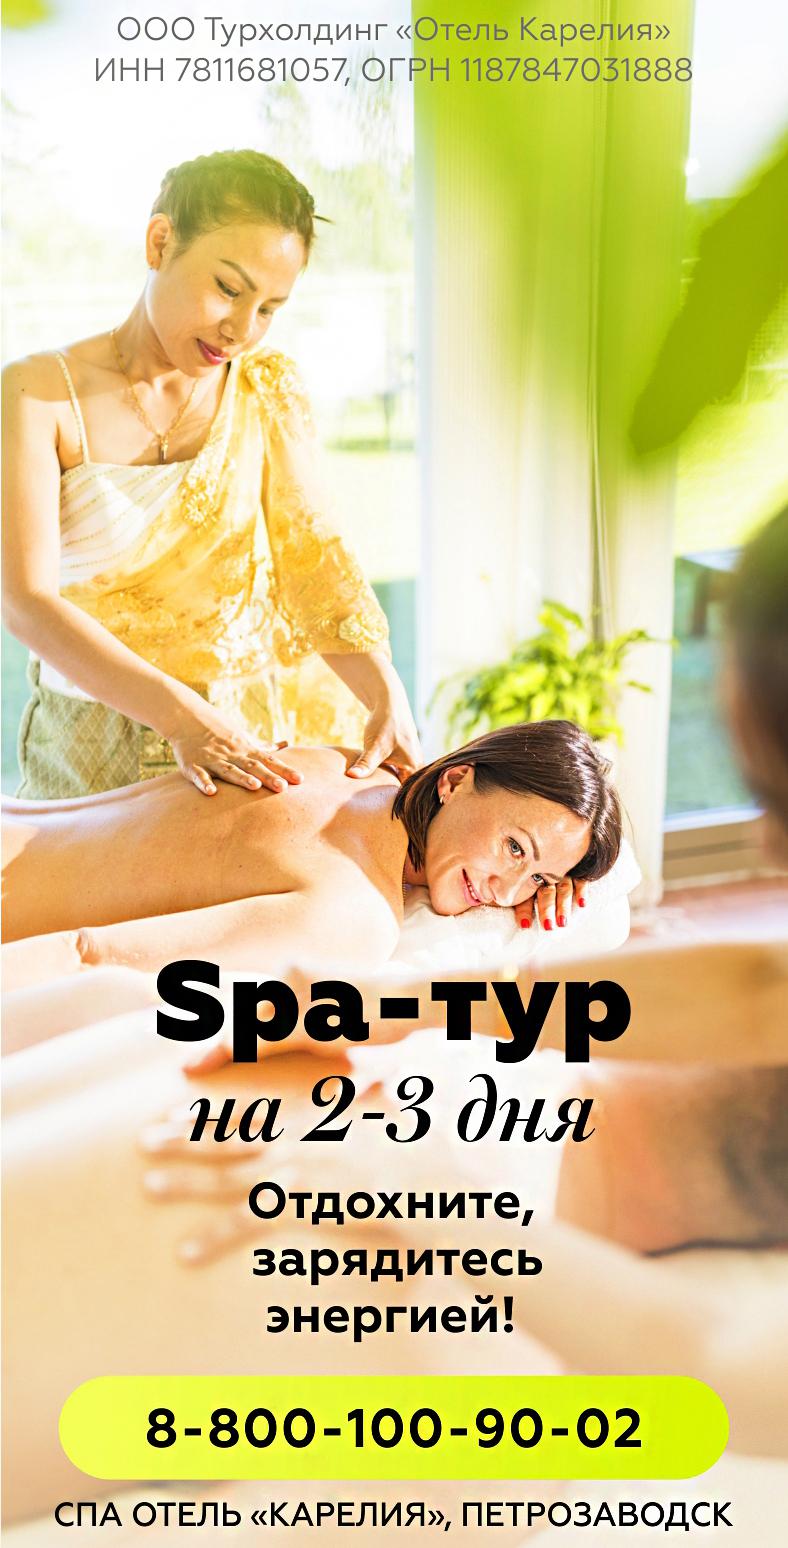 spa_tour_2